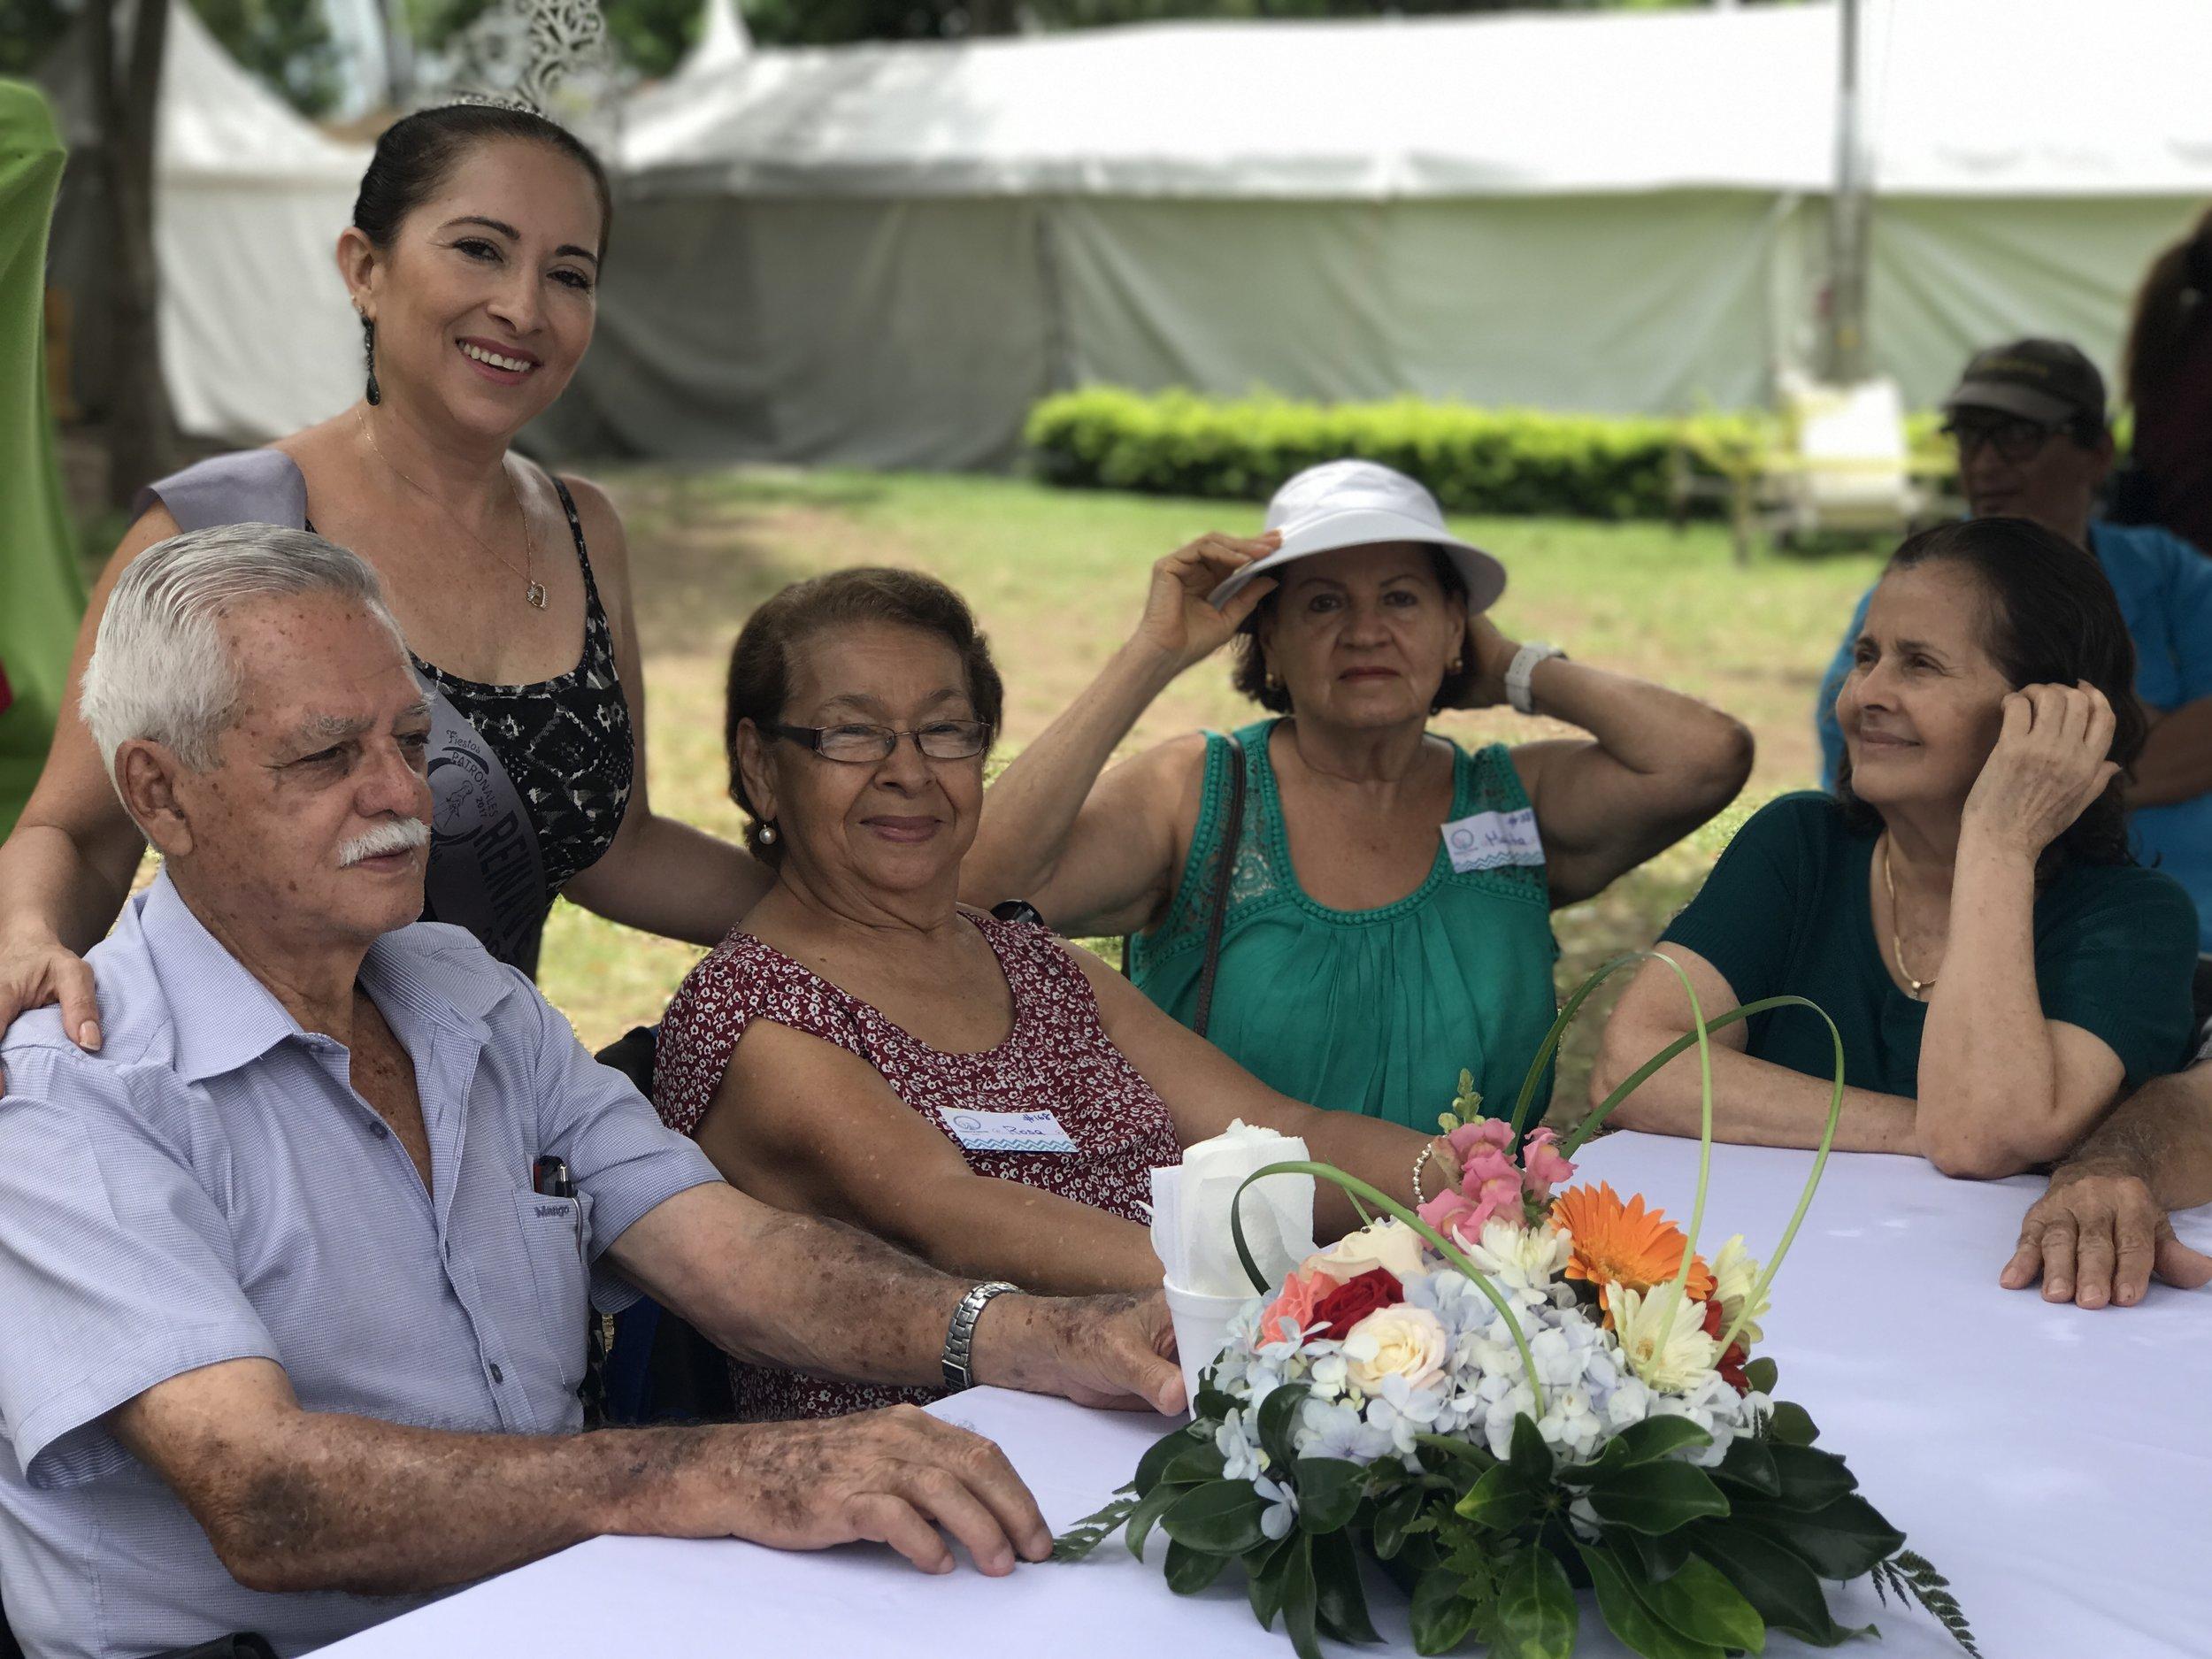 Gracias a la Reina de los Festejos, Teresa Villegas, presente en todas las actividades, siempre con su sonrisa y compartiendo con todos.